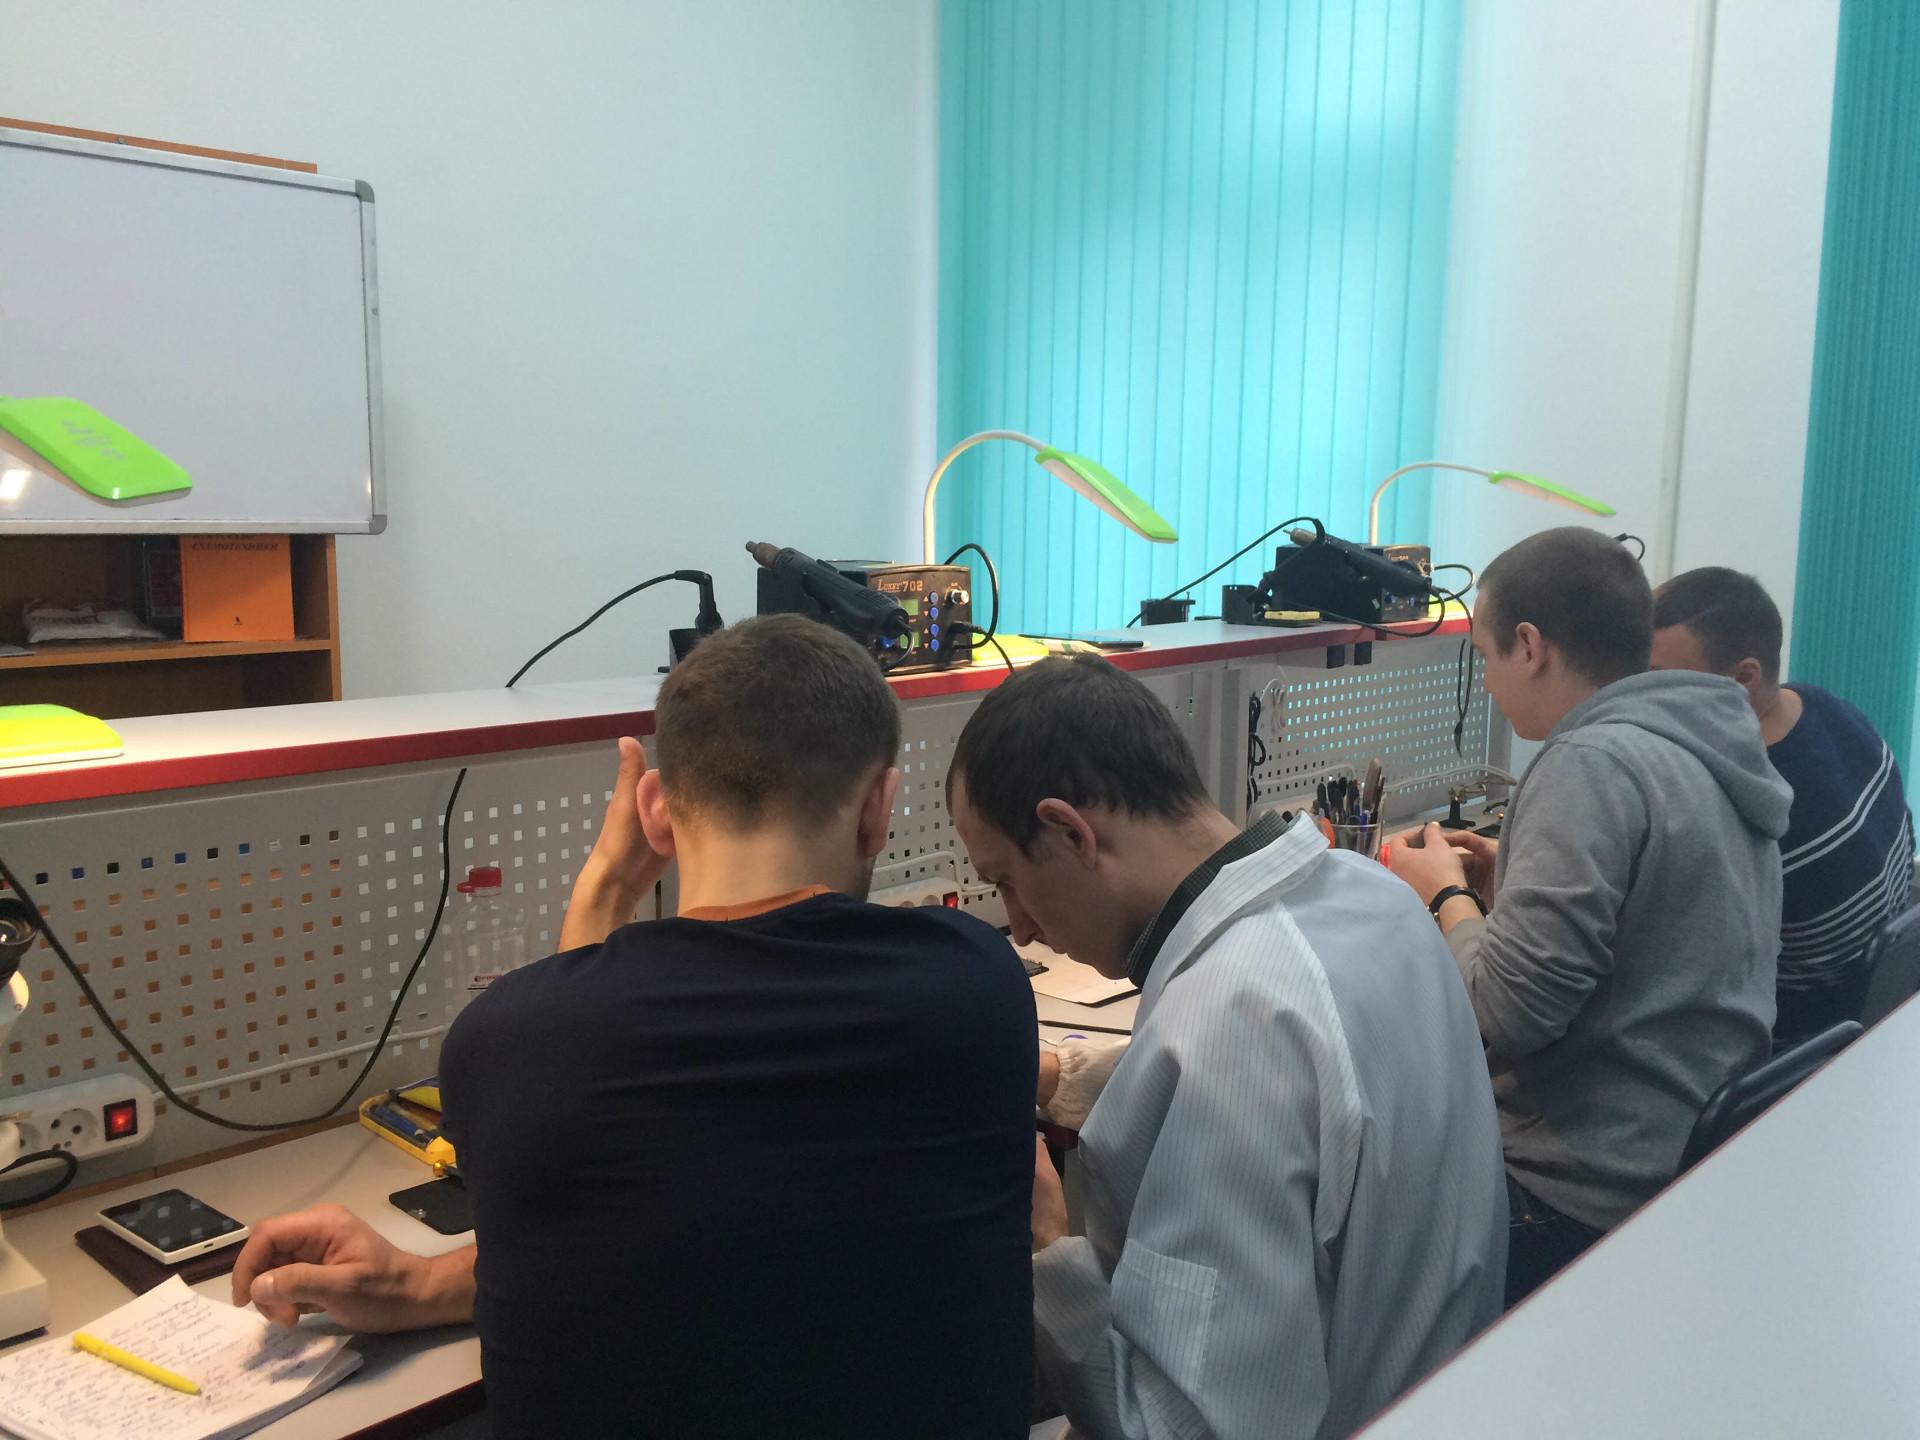 Курсы по изучению ремонта мобильного телефона - ремонт в Москве маркировка объективов сигма и тамрон - ремонт в Москве